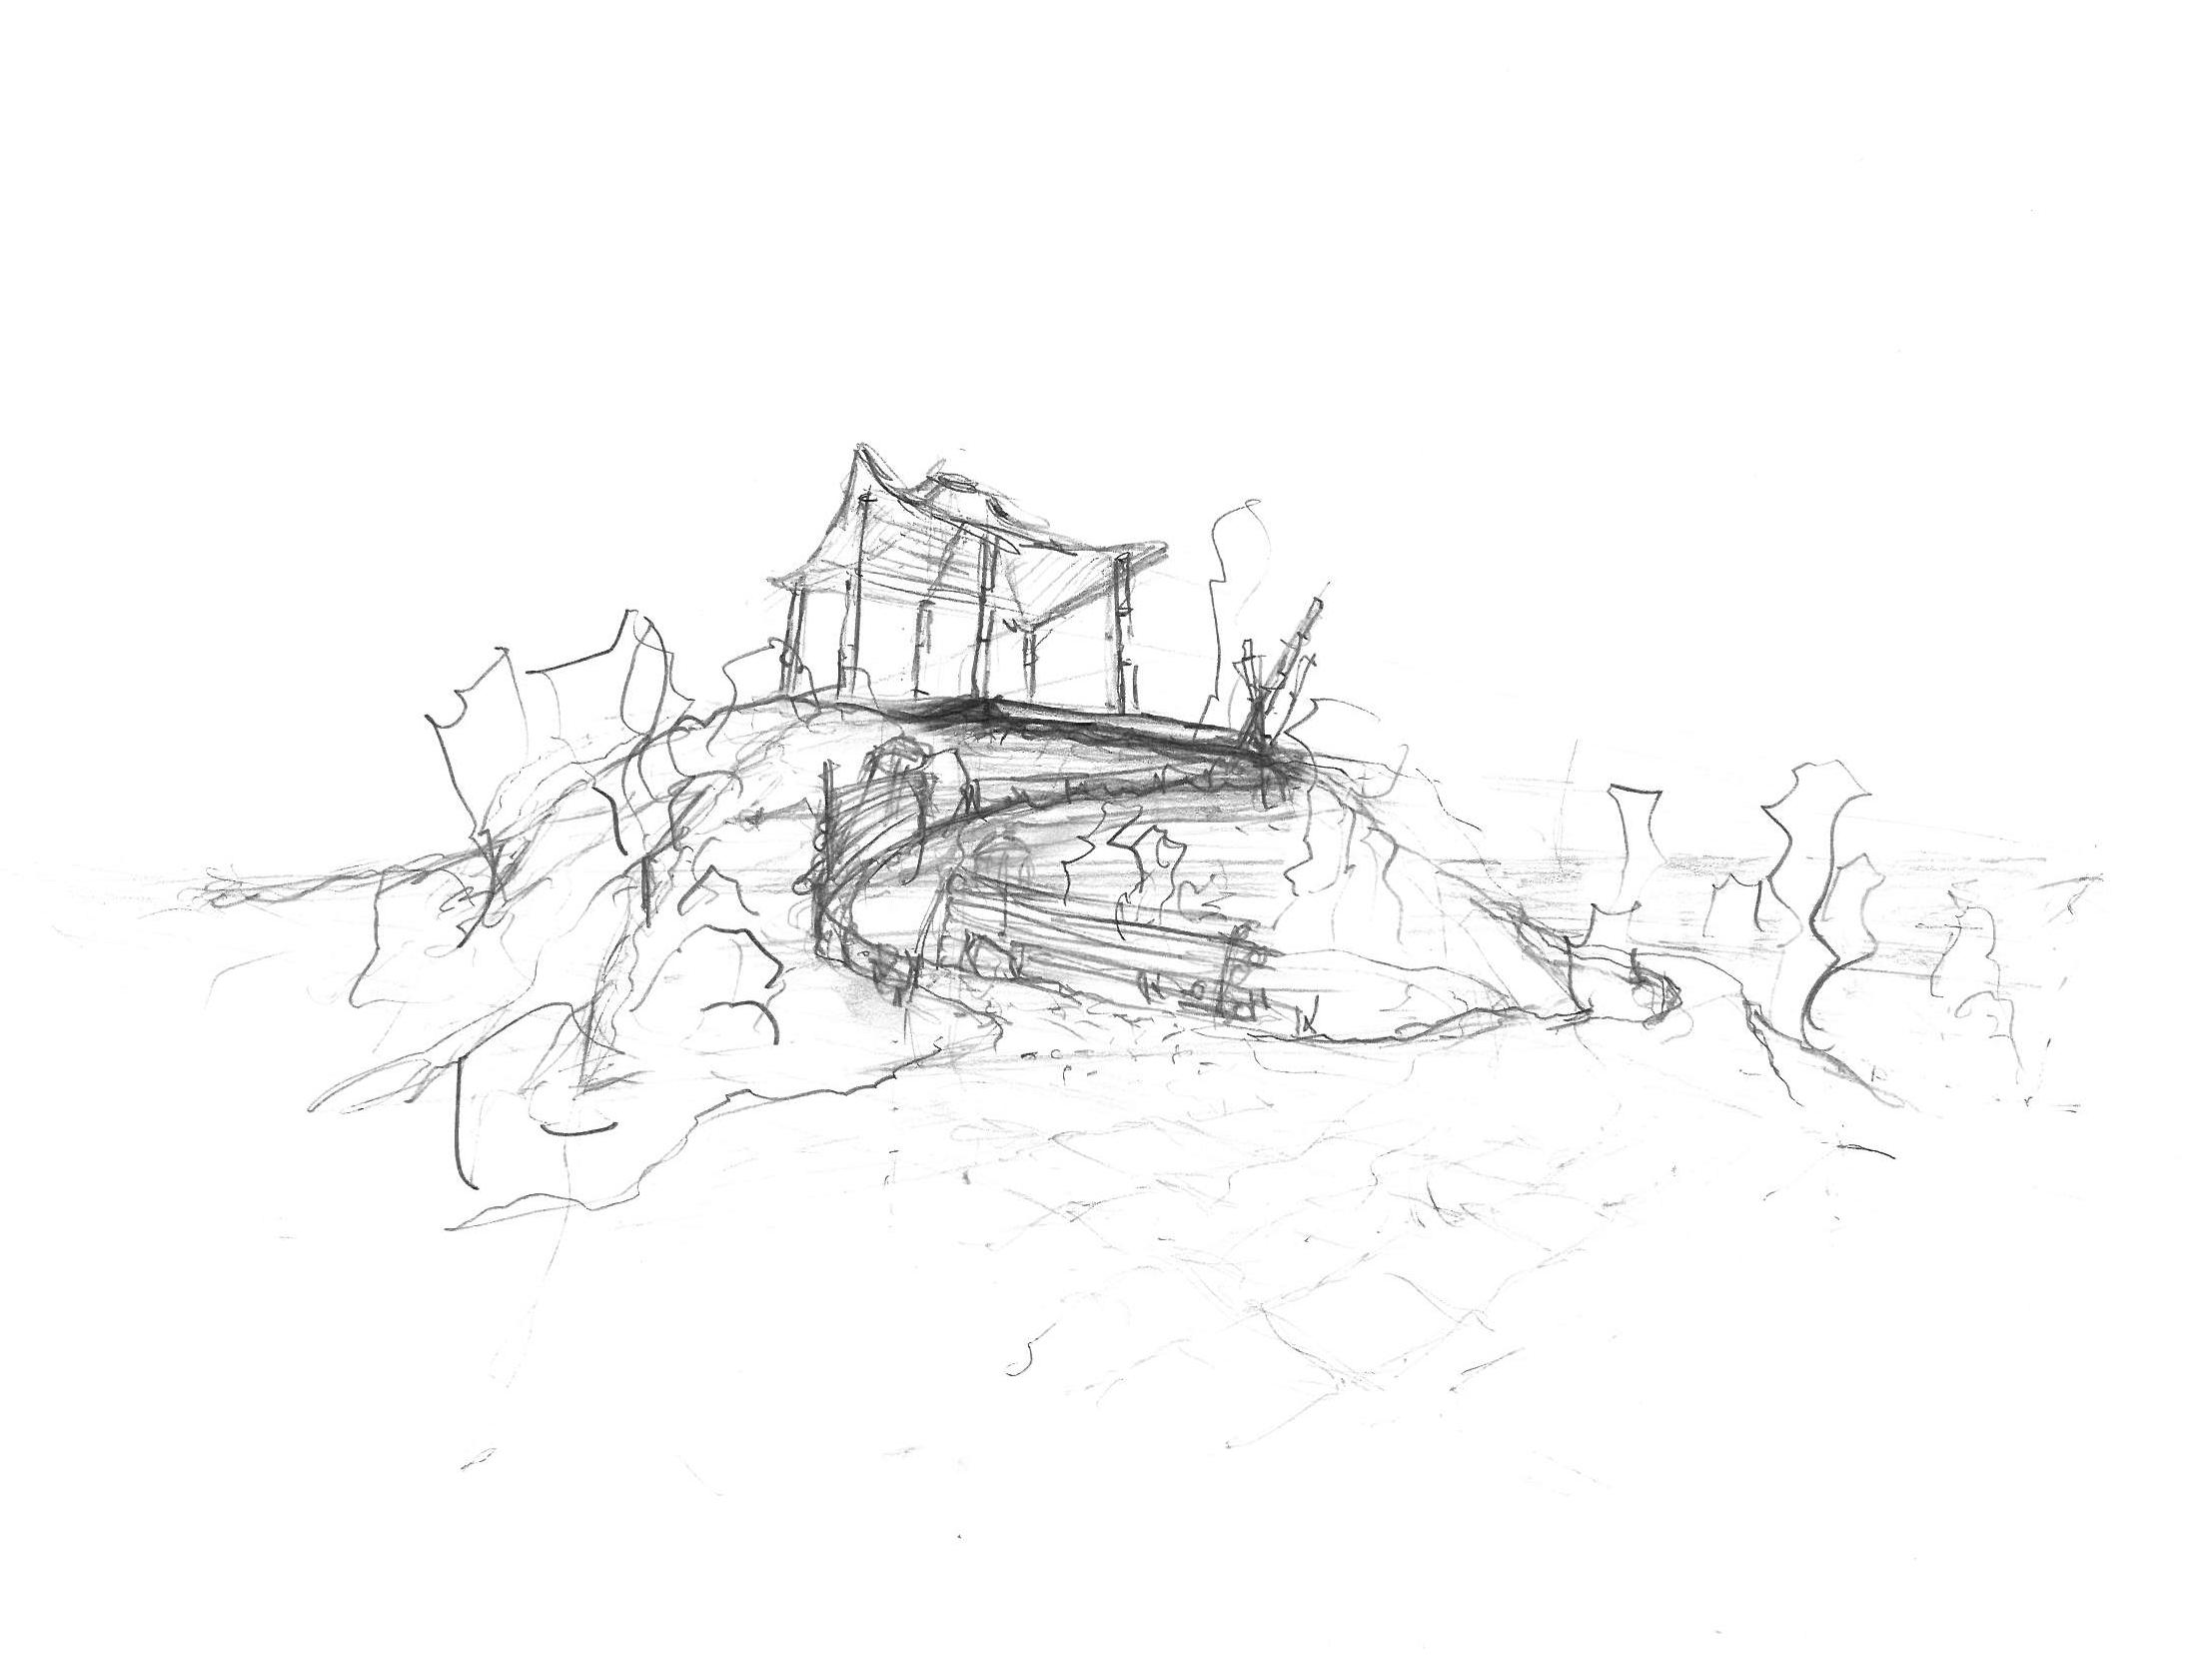 Daniel_Tauer_Projekt_Bali_Zeichnung_05